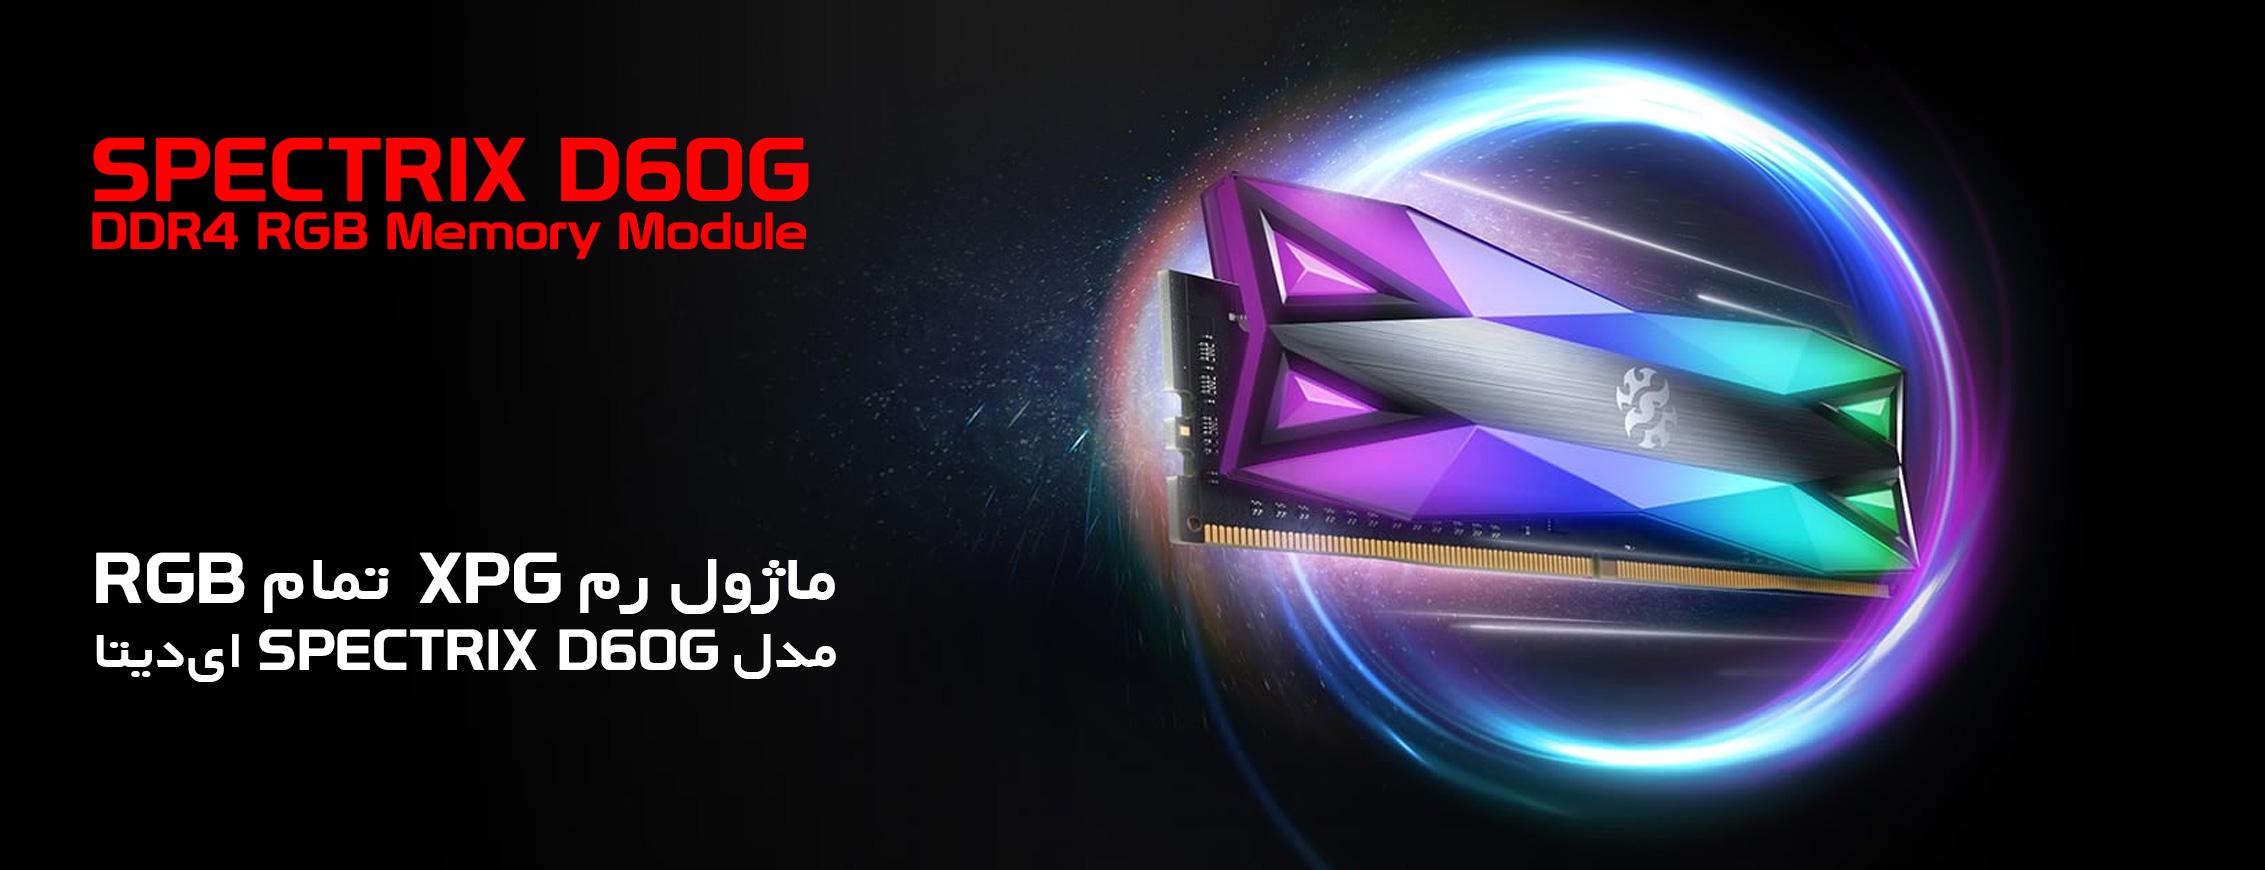 حافظهی رم اورکلاک DDR4 ای